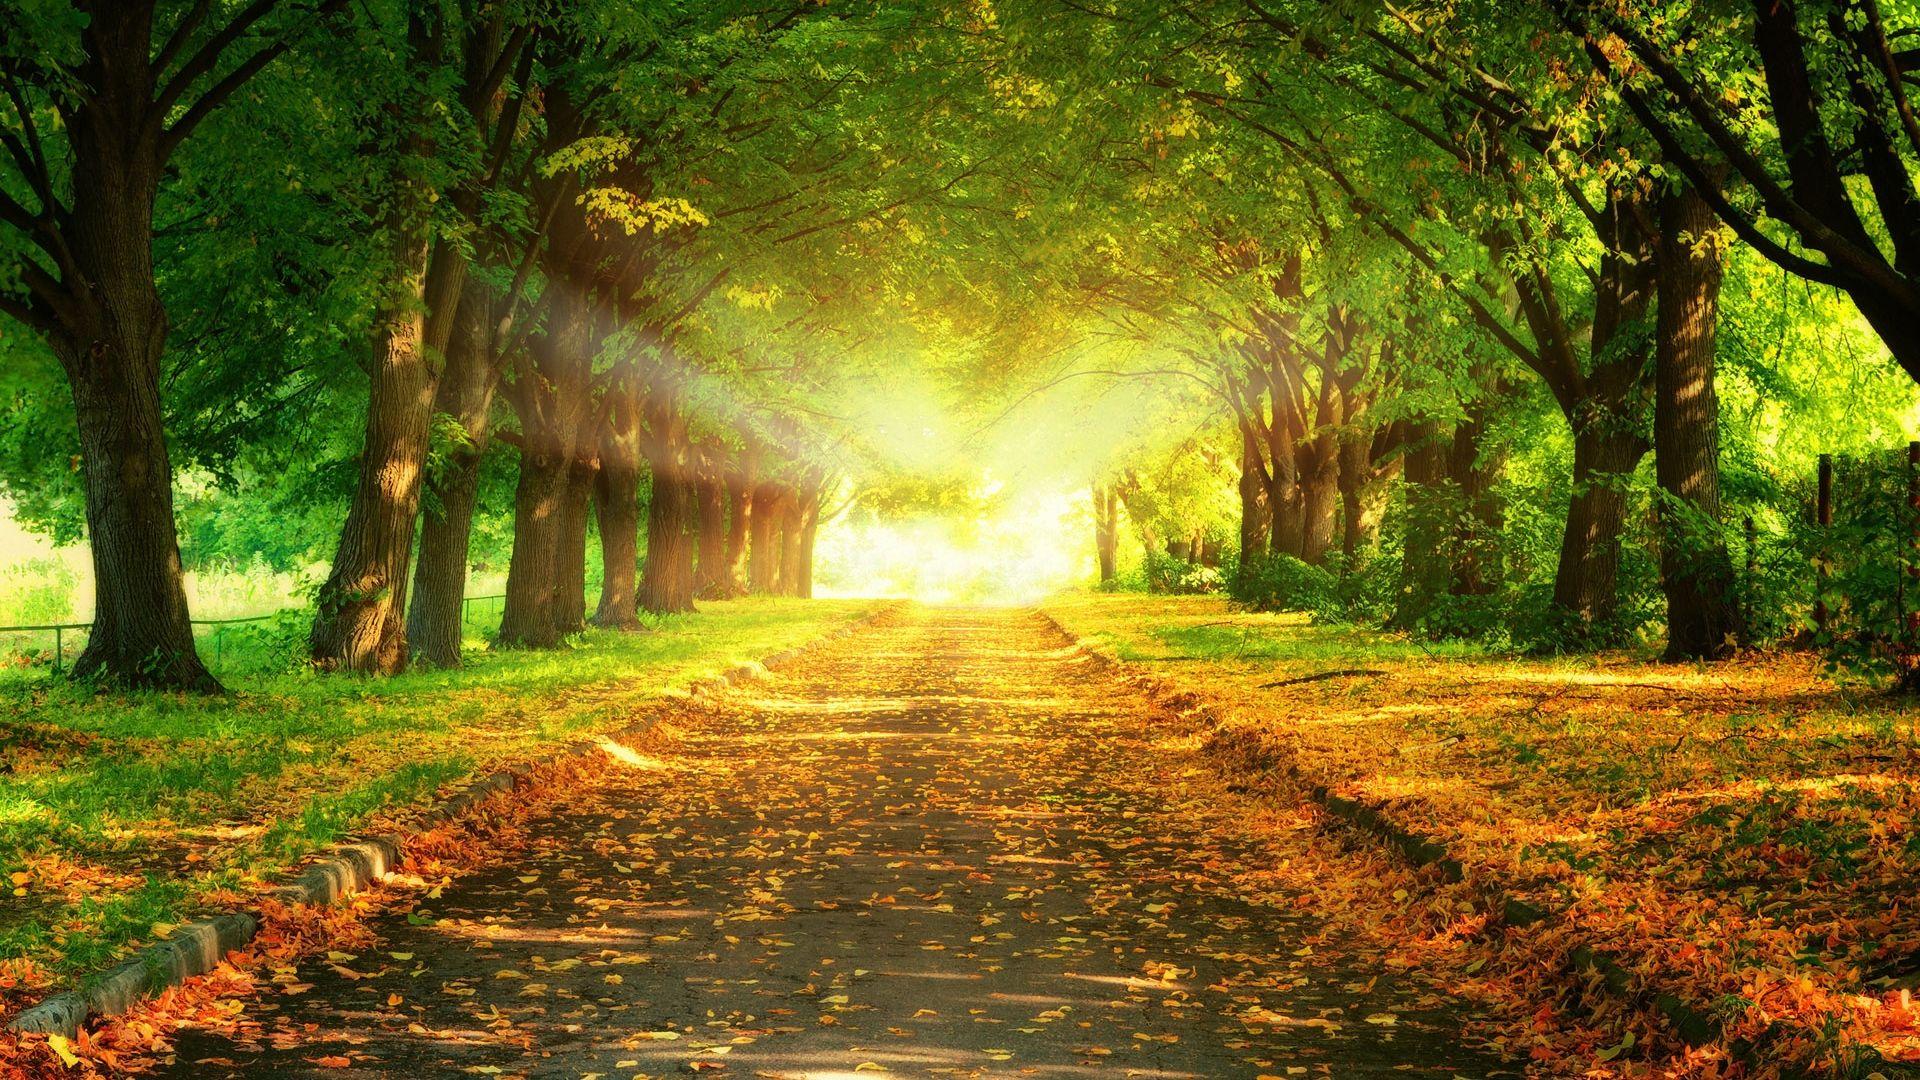 Chemin en automne 1920x1080 - 10 000 Fonds d'écran HD gratuits et de qualité ! Wallpapers HD